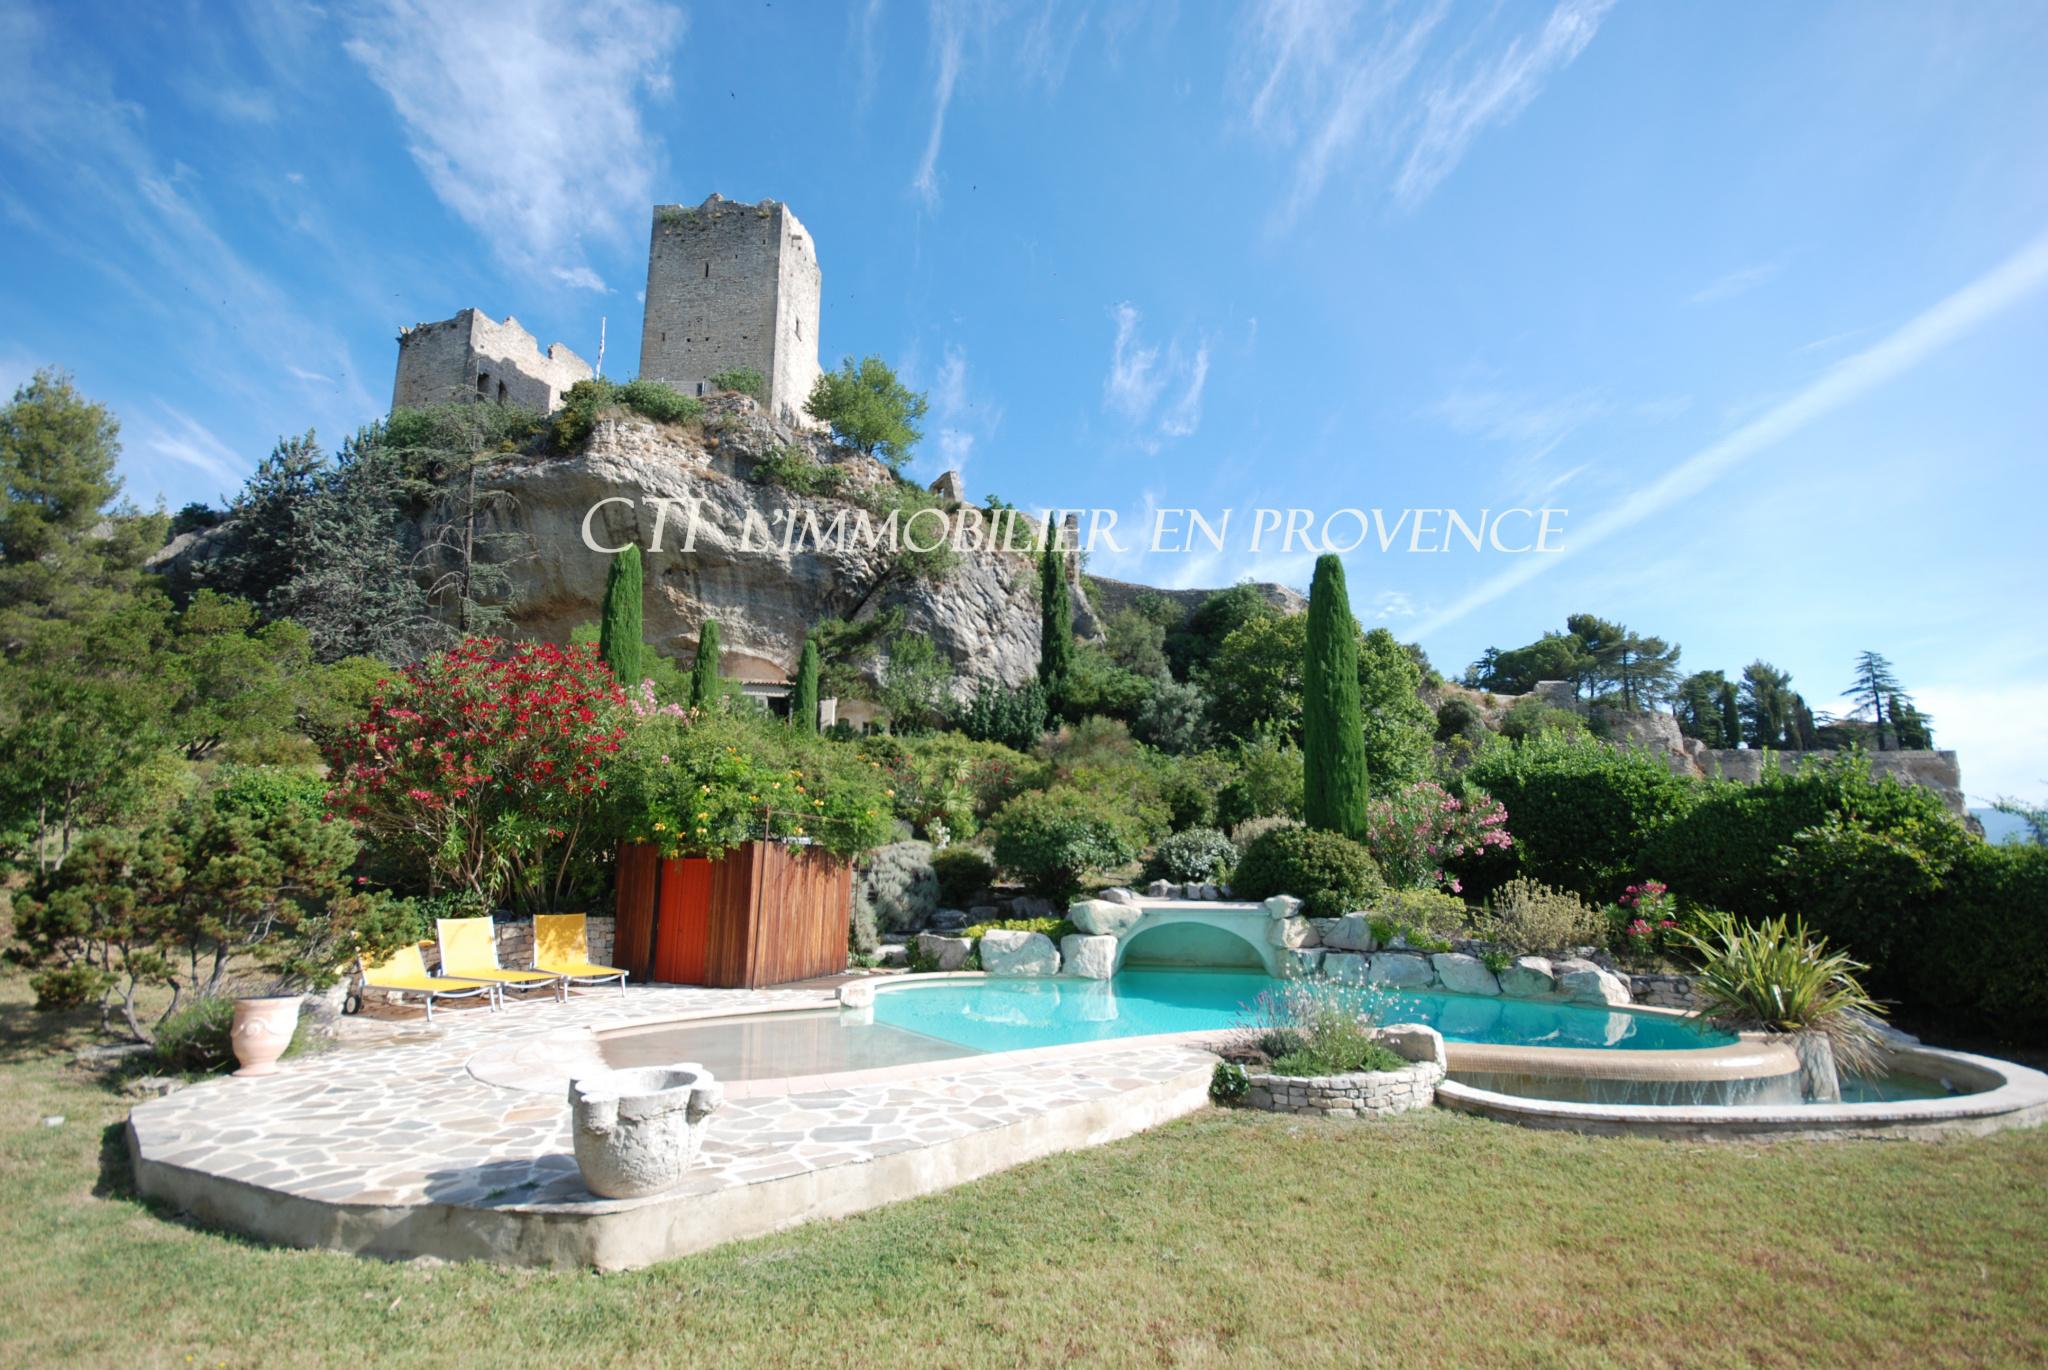 0 www;cti-provence.net Vente Vaison la Romaine, dominante, jardin clos 3 000 m², piscine, vue